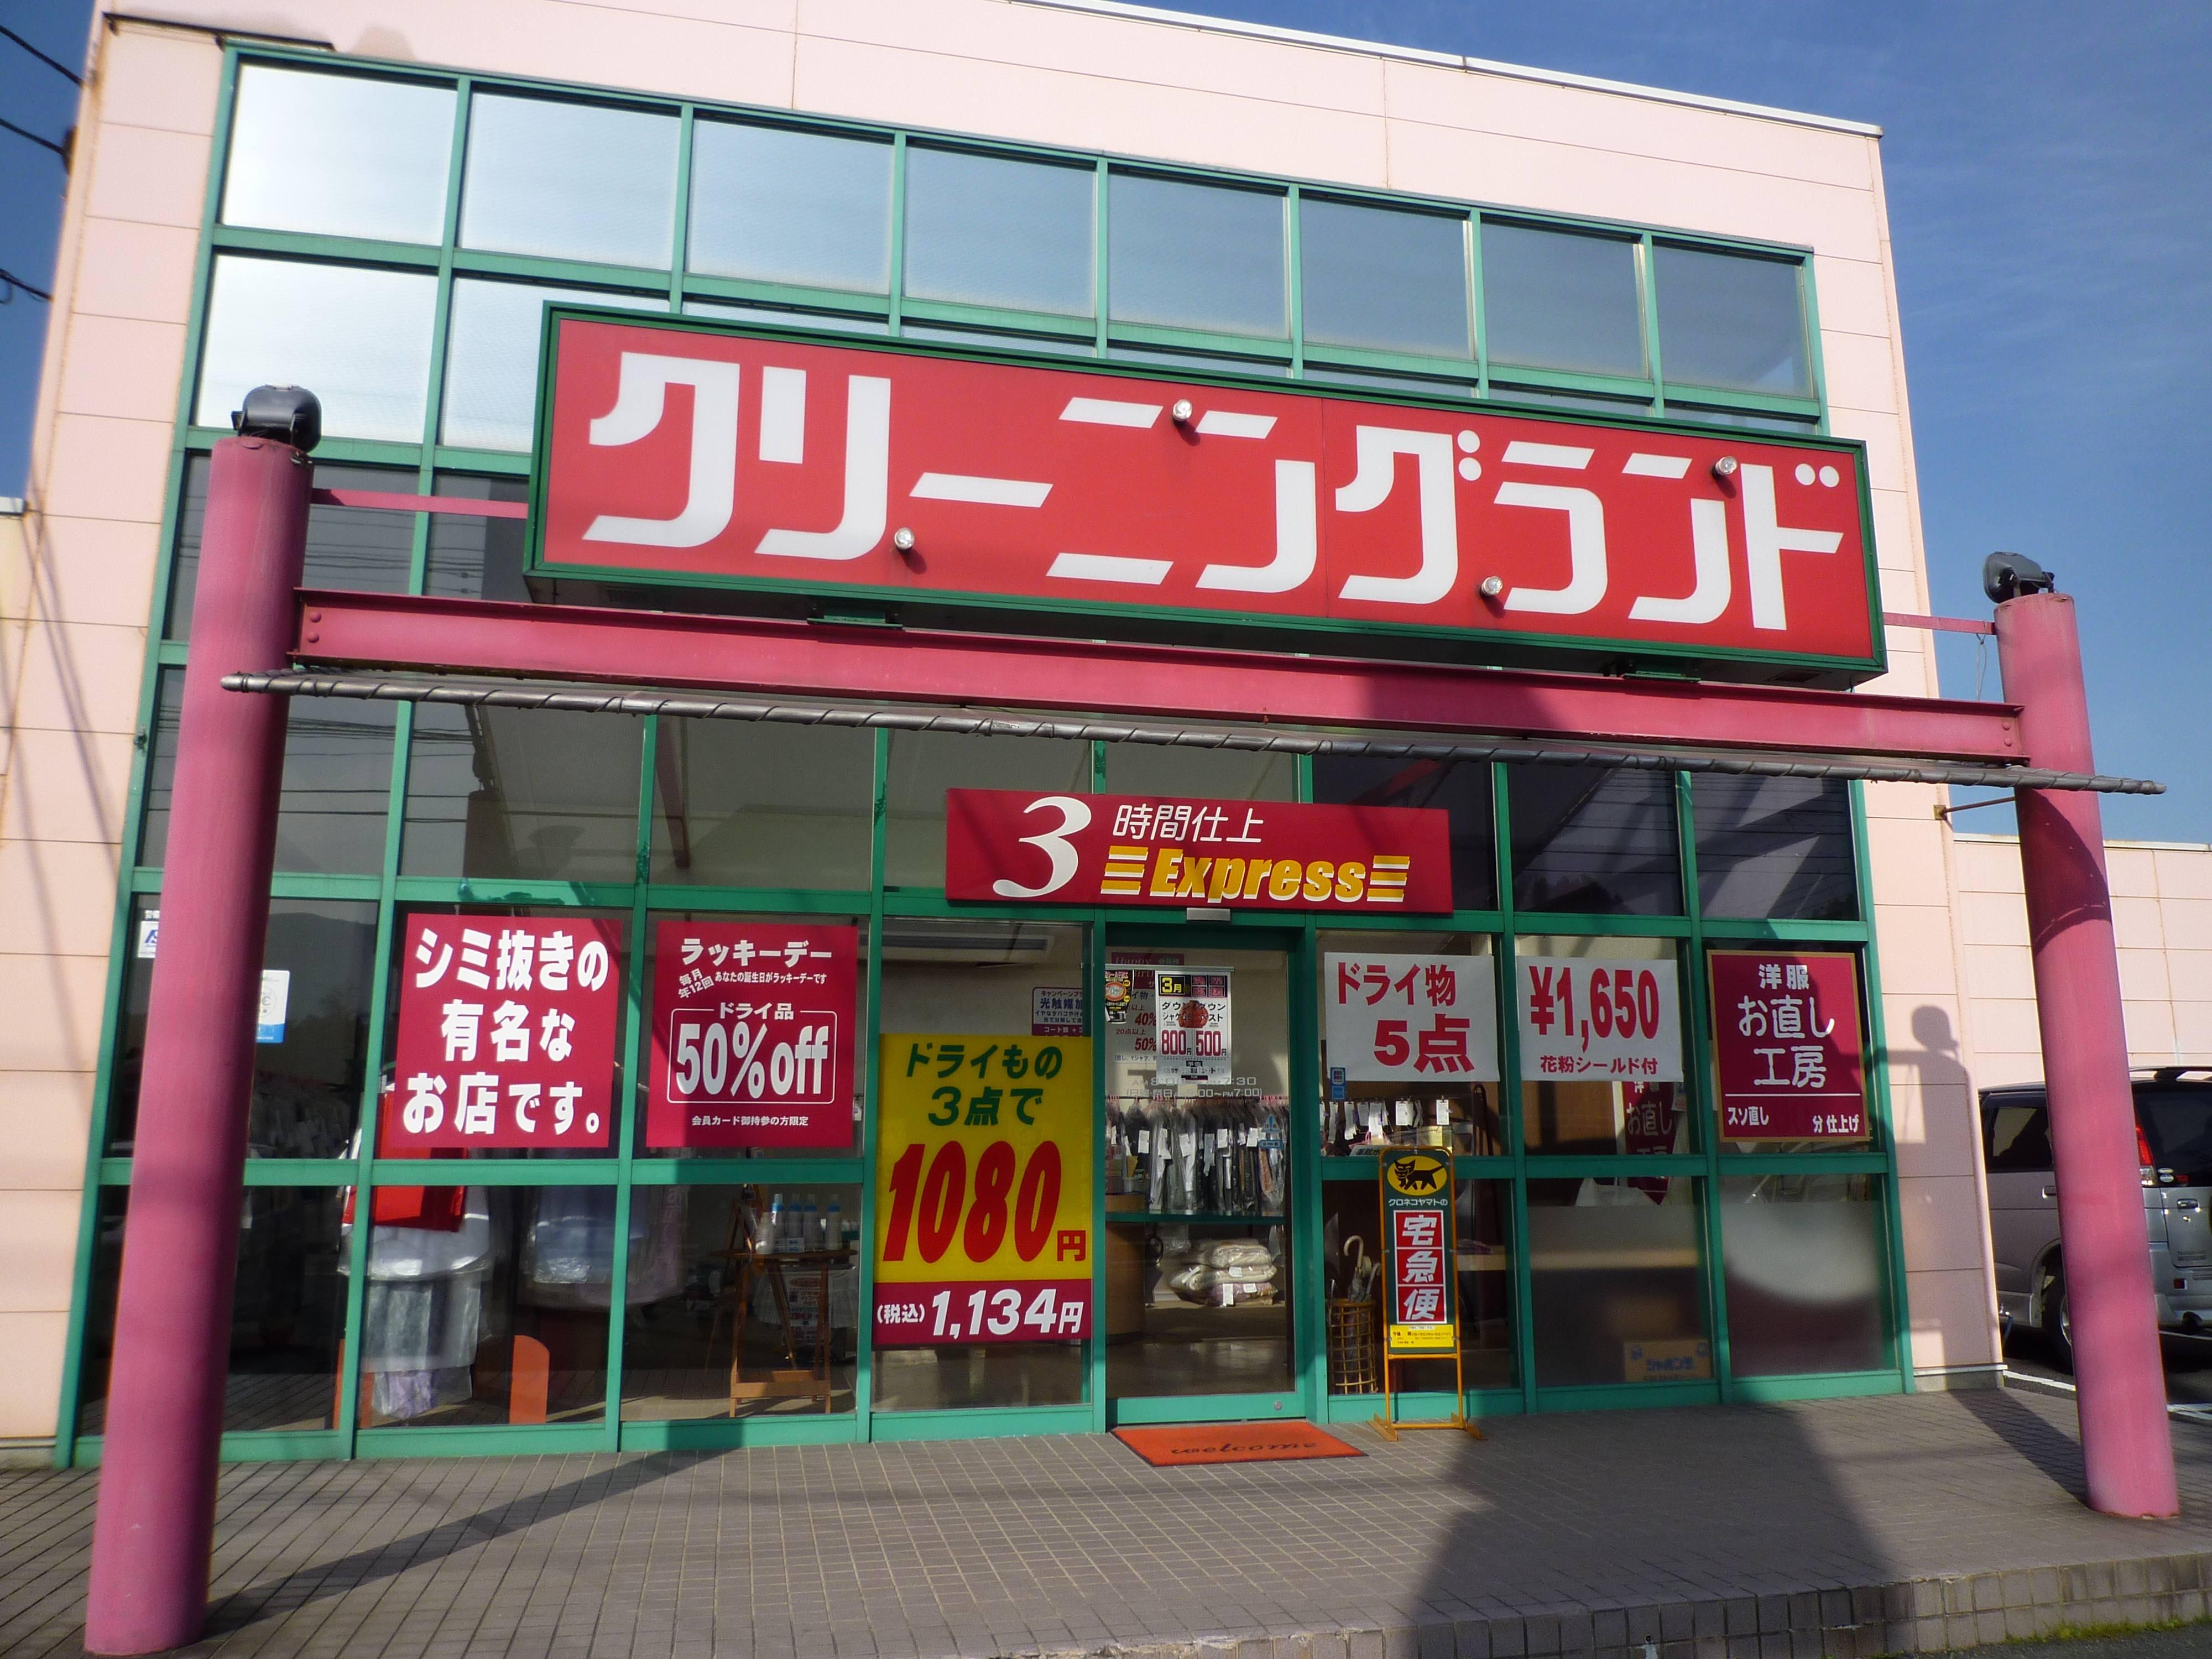 店舗画像 のコピー